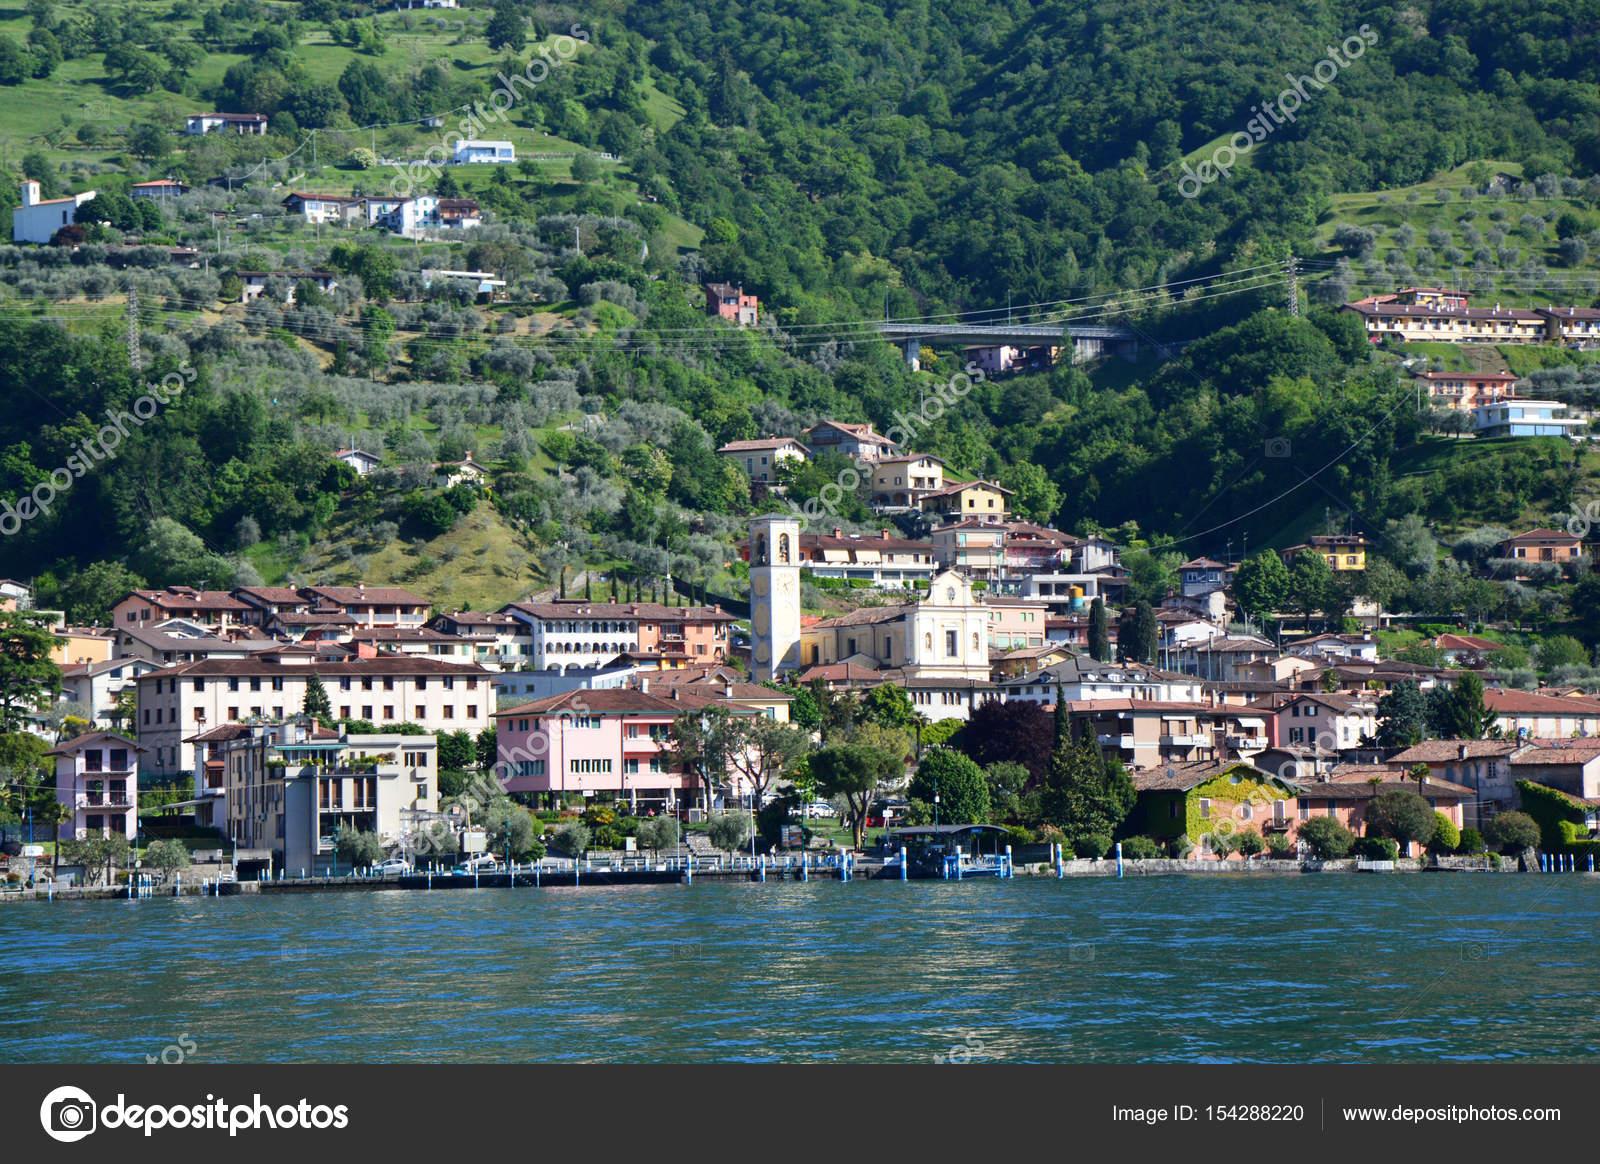 スルツァーノのイセオ湖, イタリ...